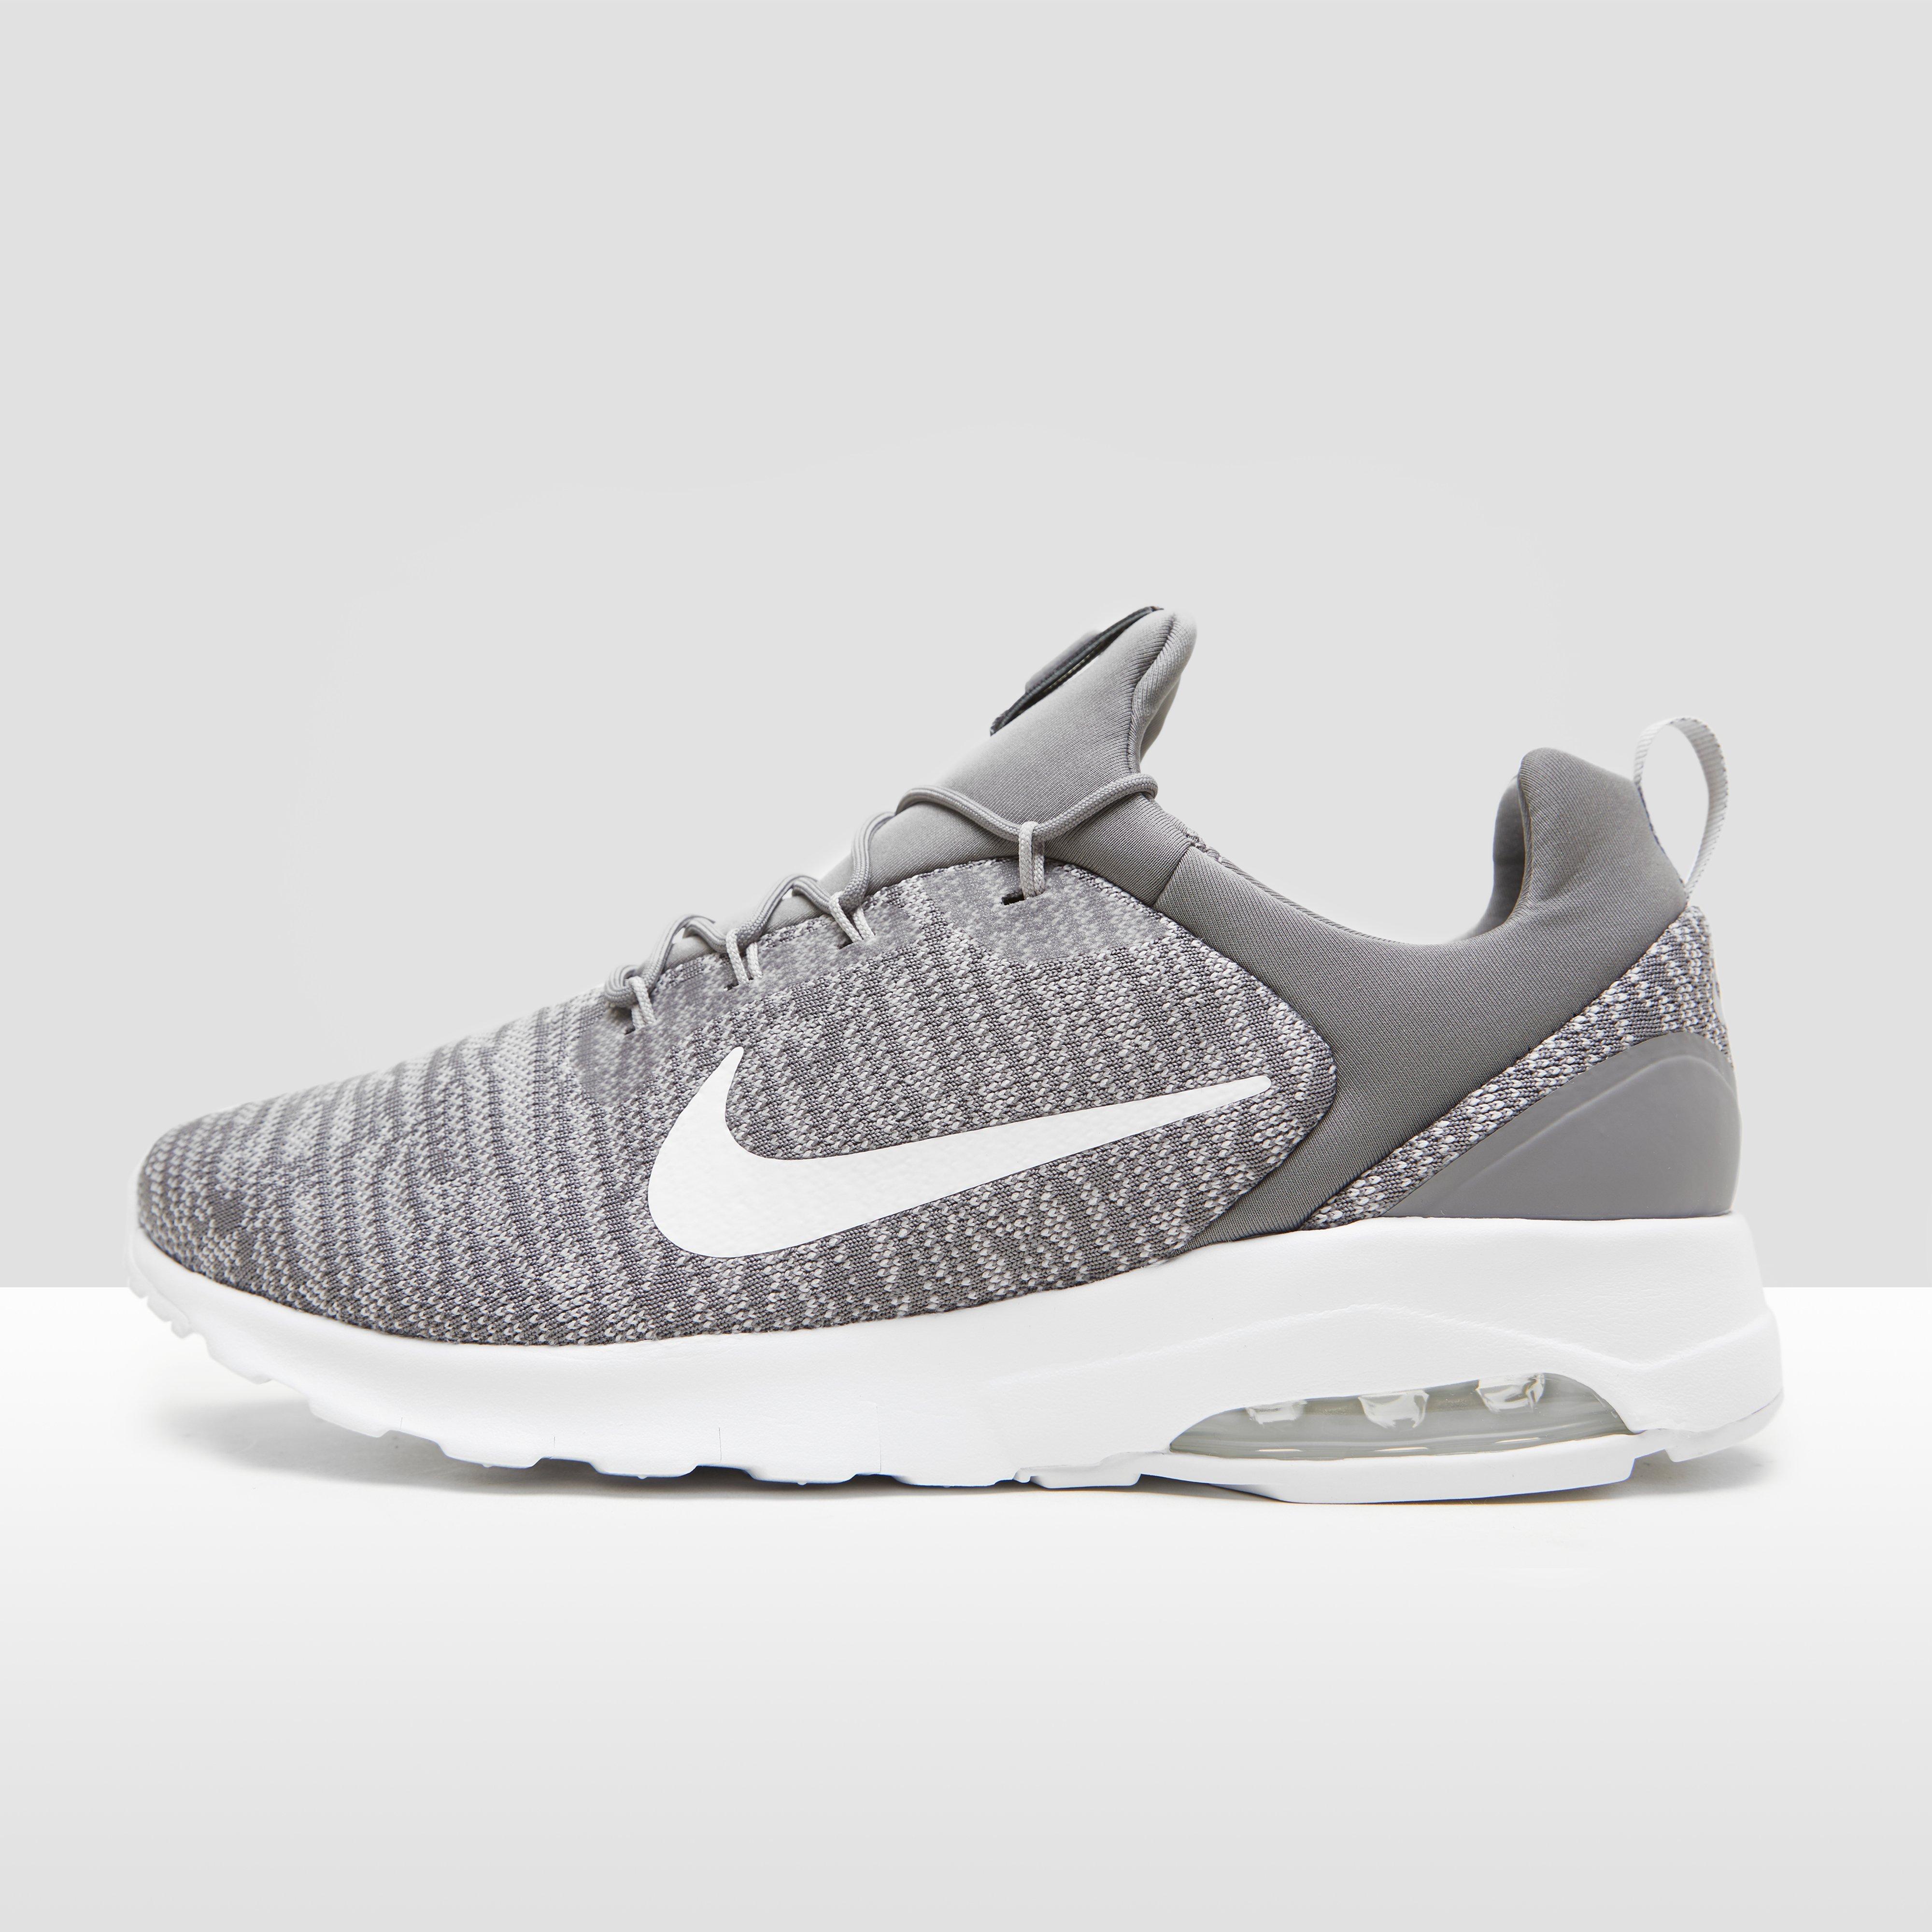 Chaussures Nike Coureur Mouvement Air Max Pour Les Hommes 3mHcXlE